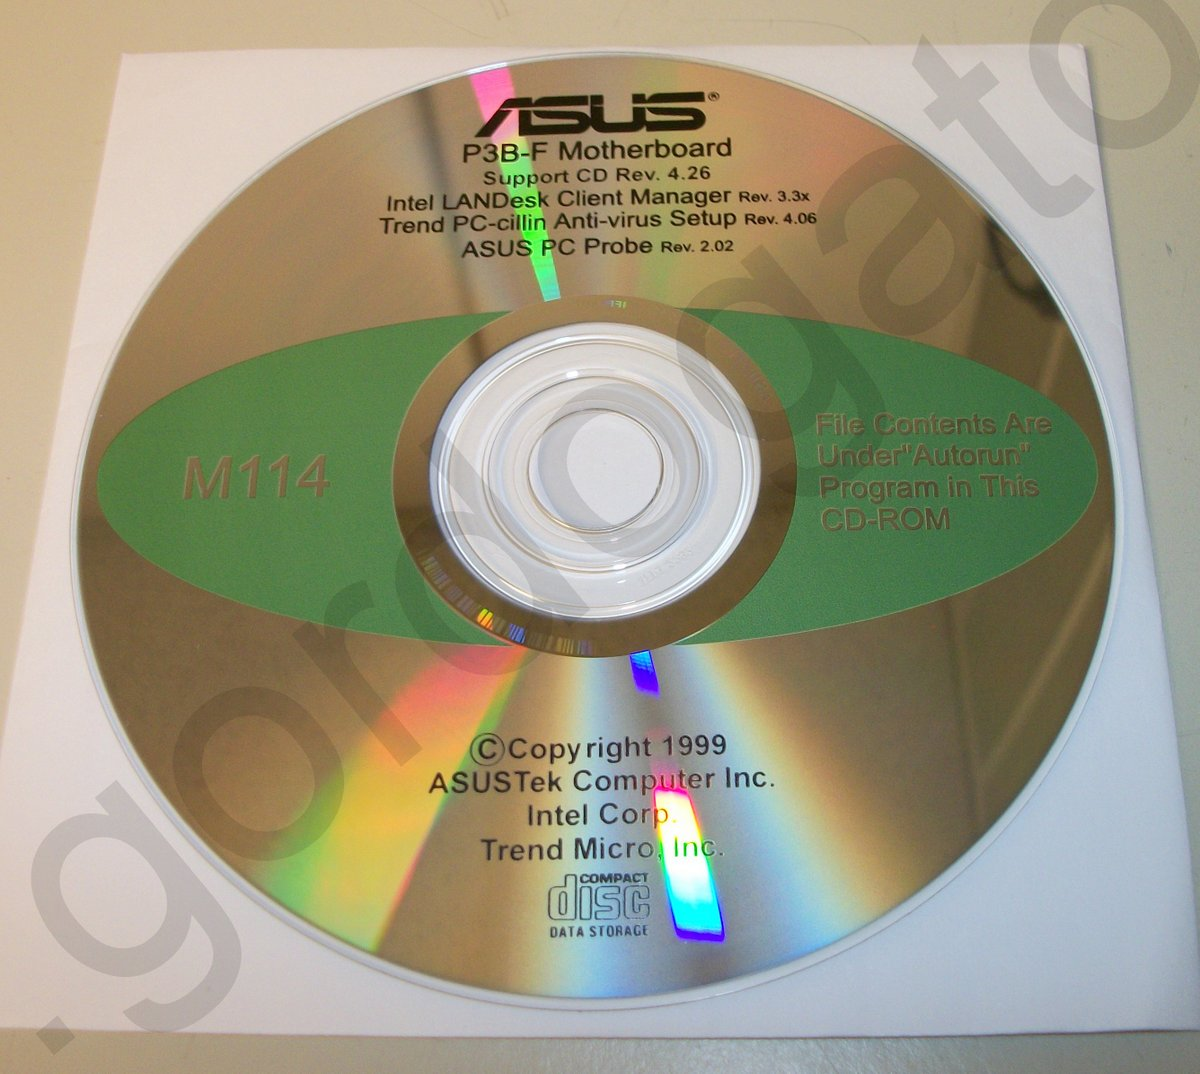 Original box, manual & driver cd disc for asus p3b-f 440bx.